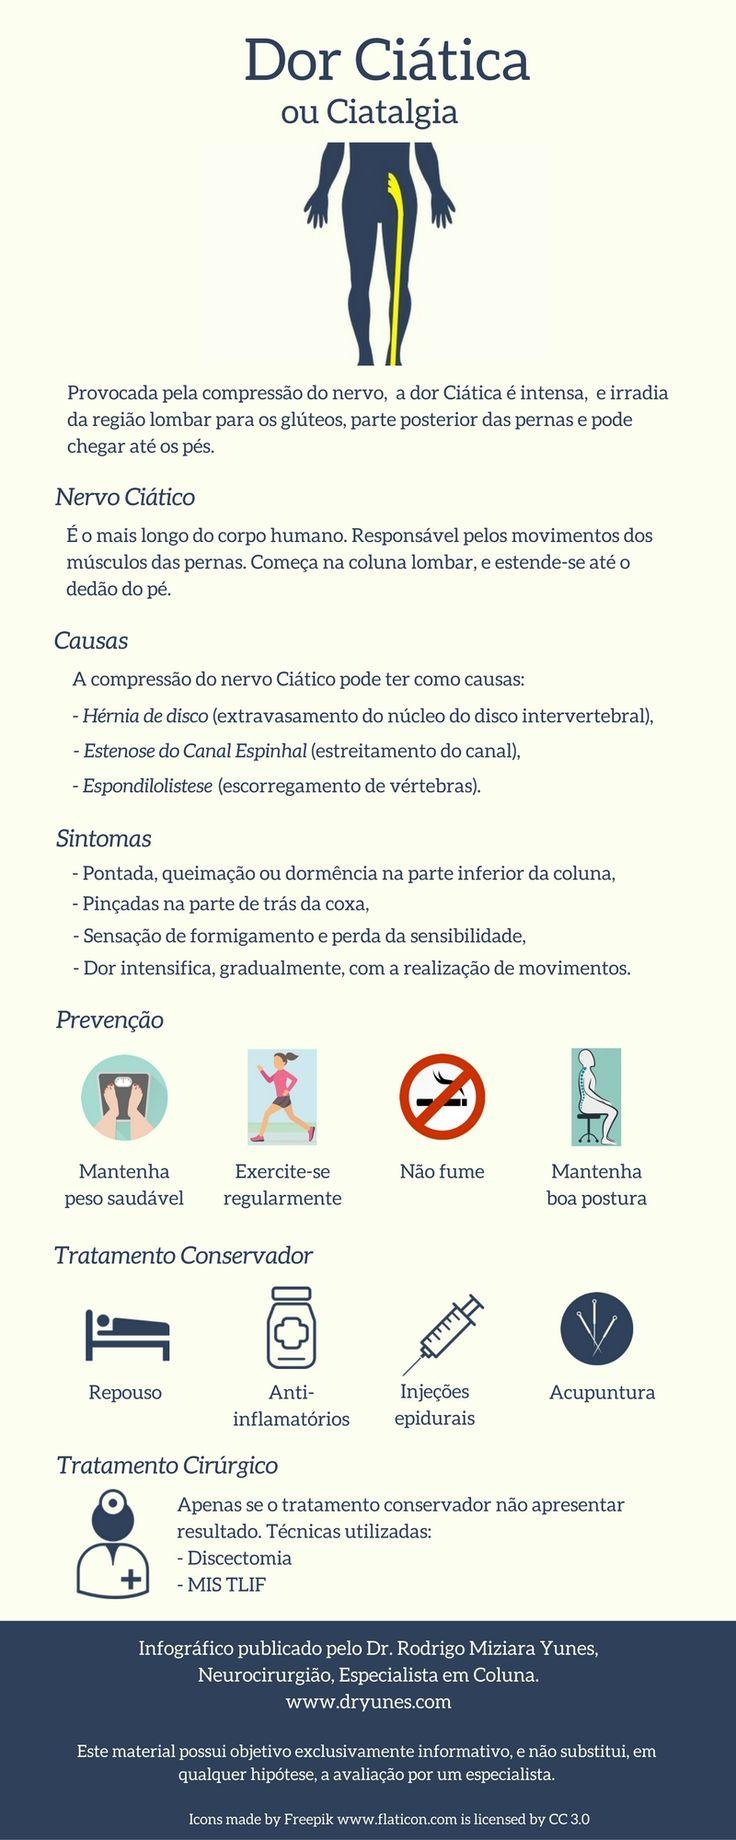 [Infográfico] A Dor Ciática ou Ciatalgia são um problema muito comum. Neste infográfico, conheça causas, tratamentos e como evitá-la. Acesse http://www.dryunes.com/o-que-e-nervo-ciatico/